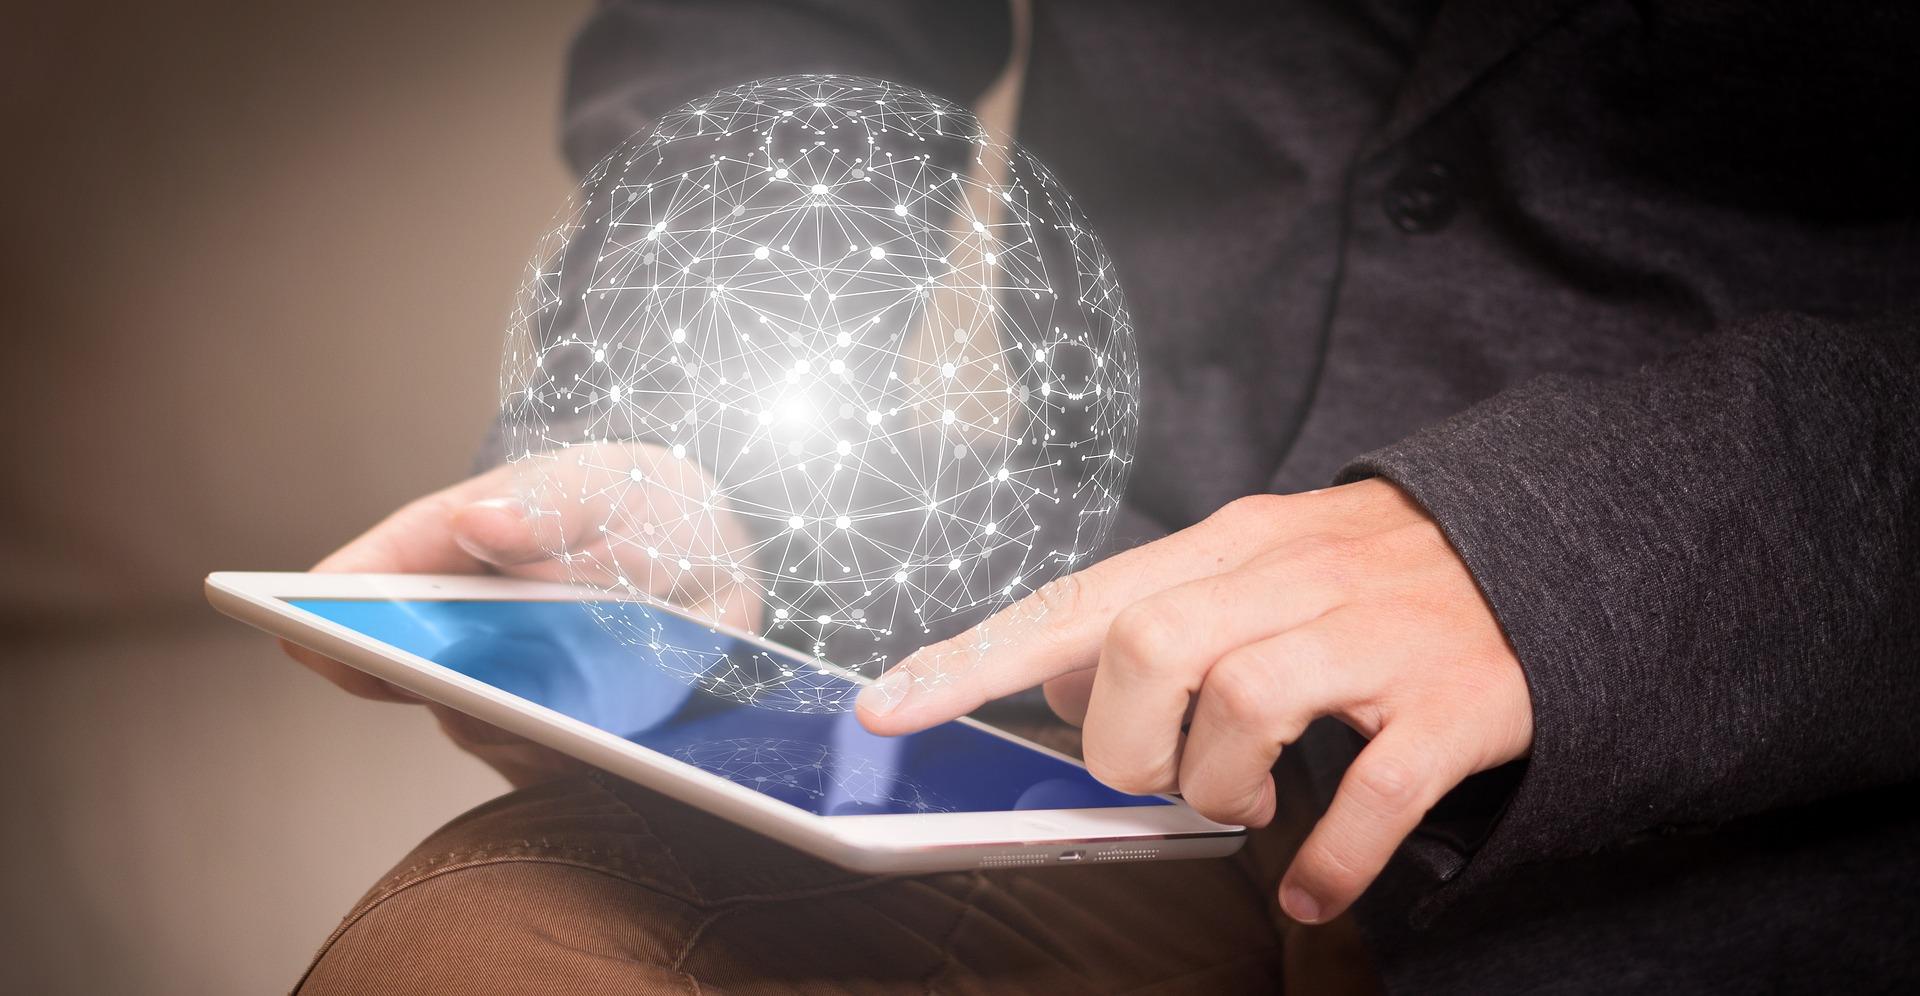 sicurezza informatica aziendale e fase 2 come ripartire al meglio